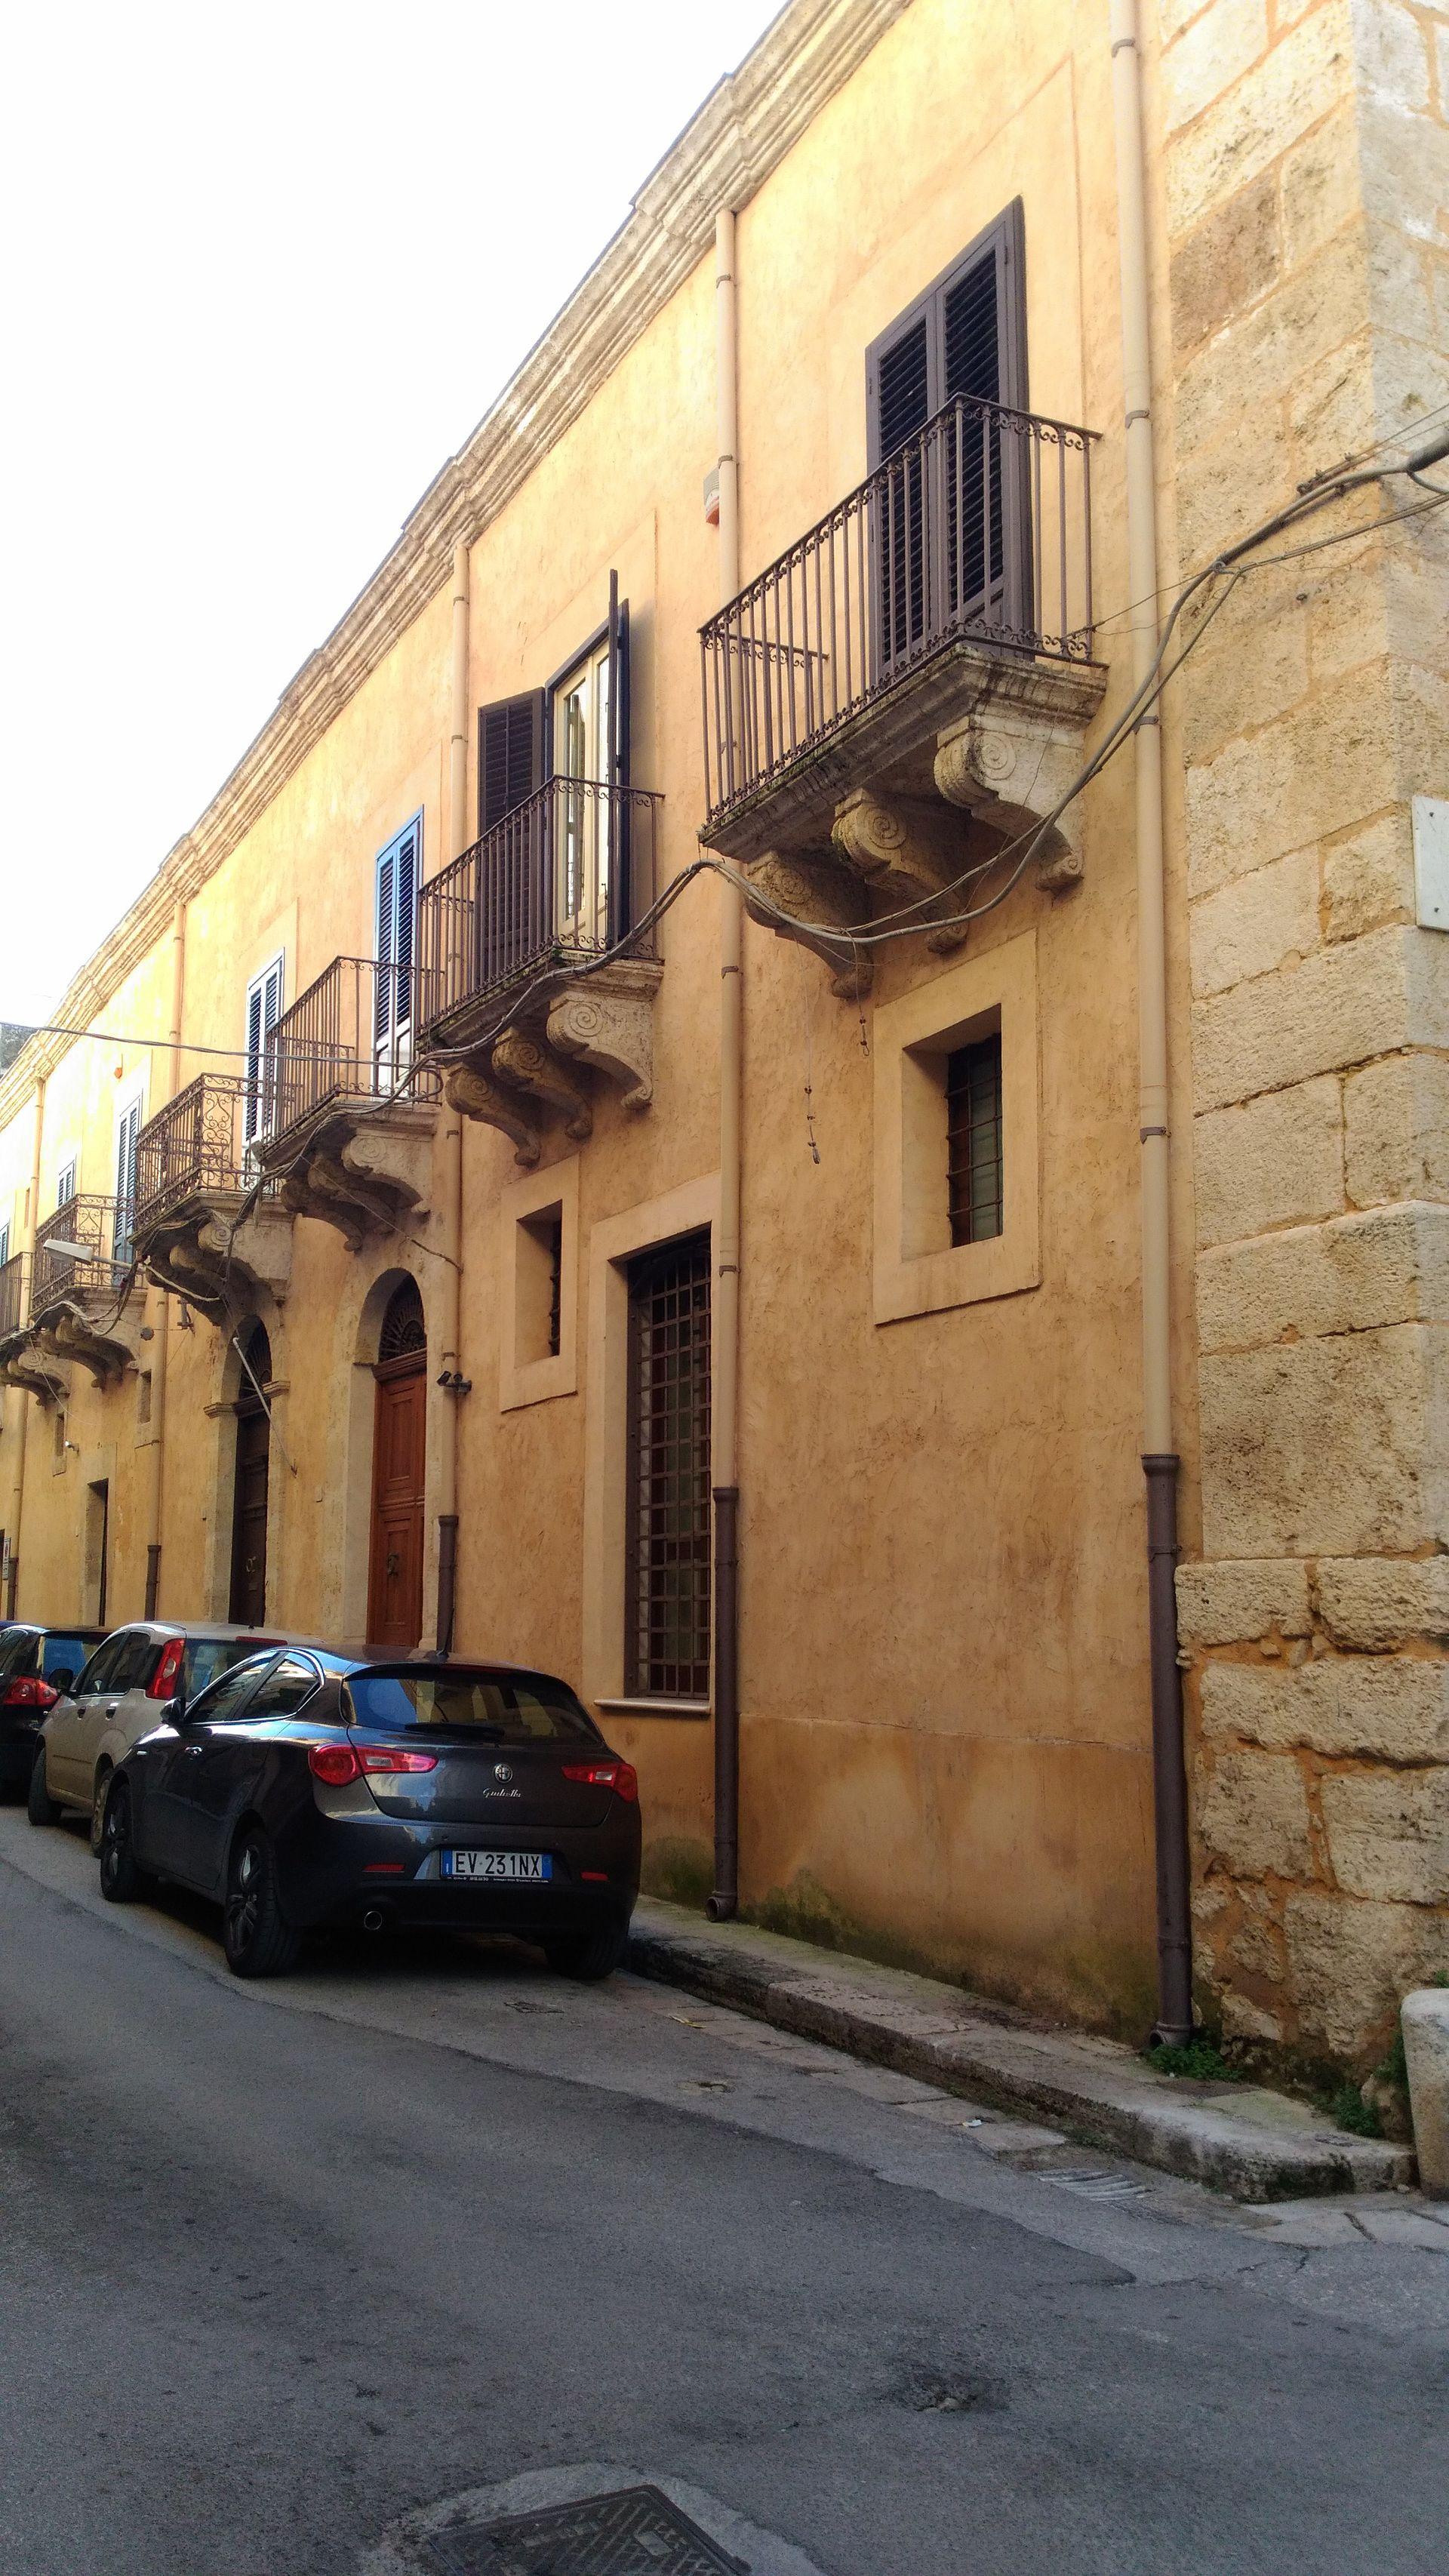 Palazzo guarrasi wikipedia - Finestra a tre aperture ...